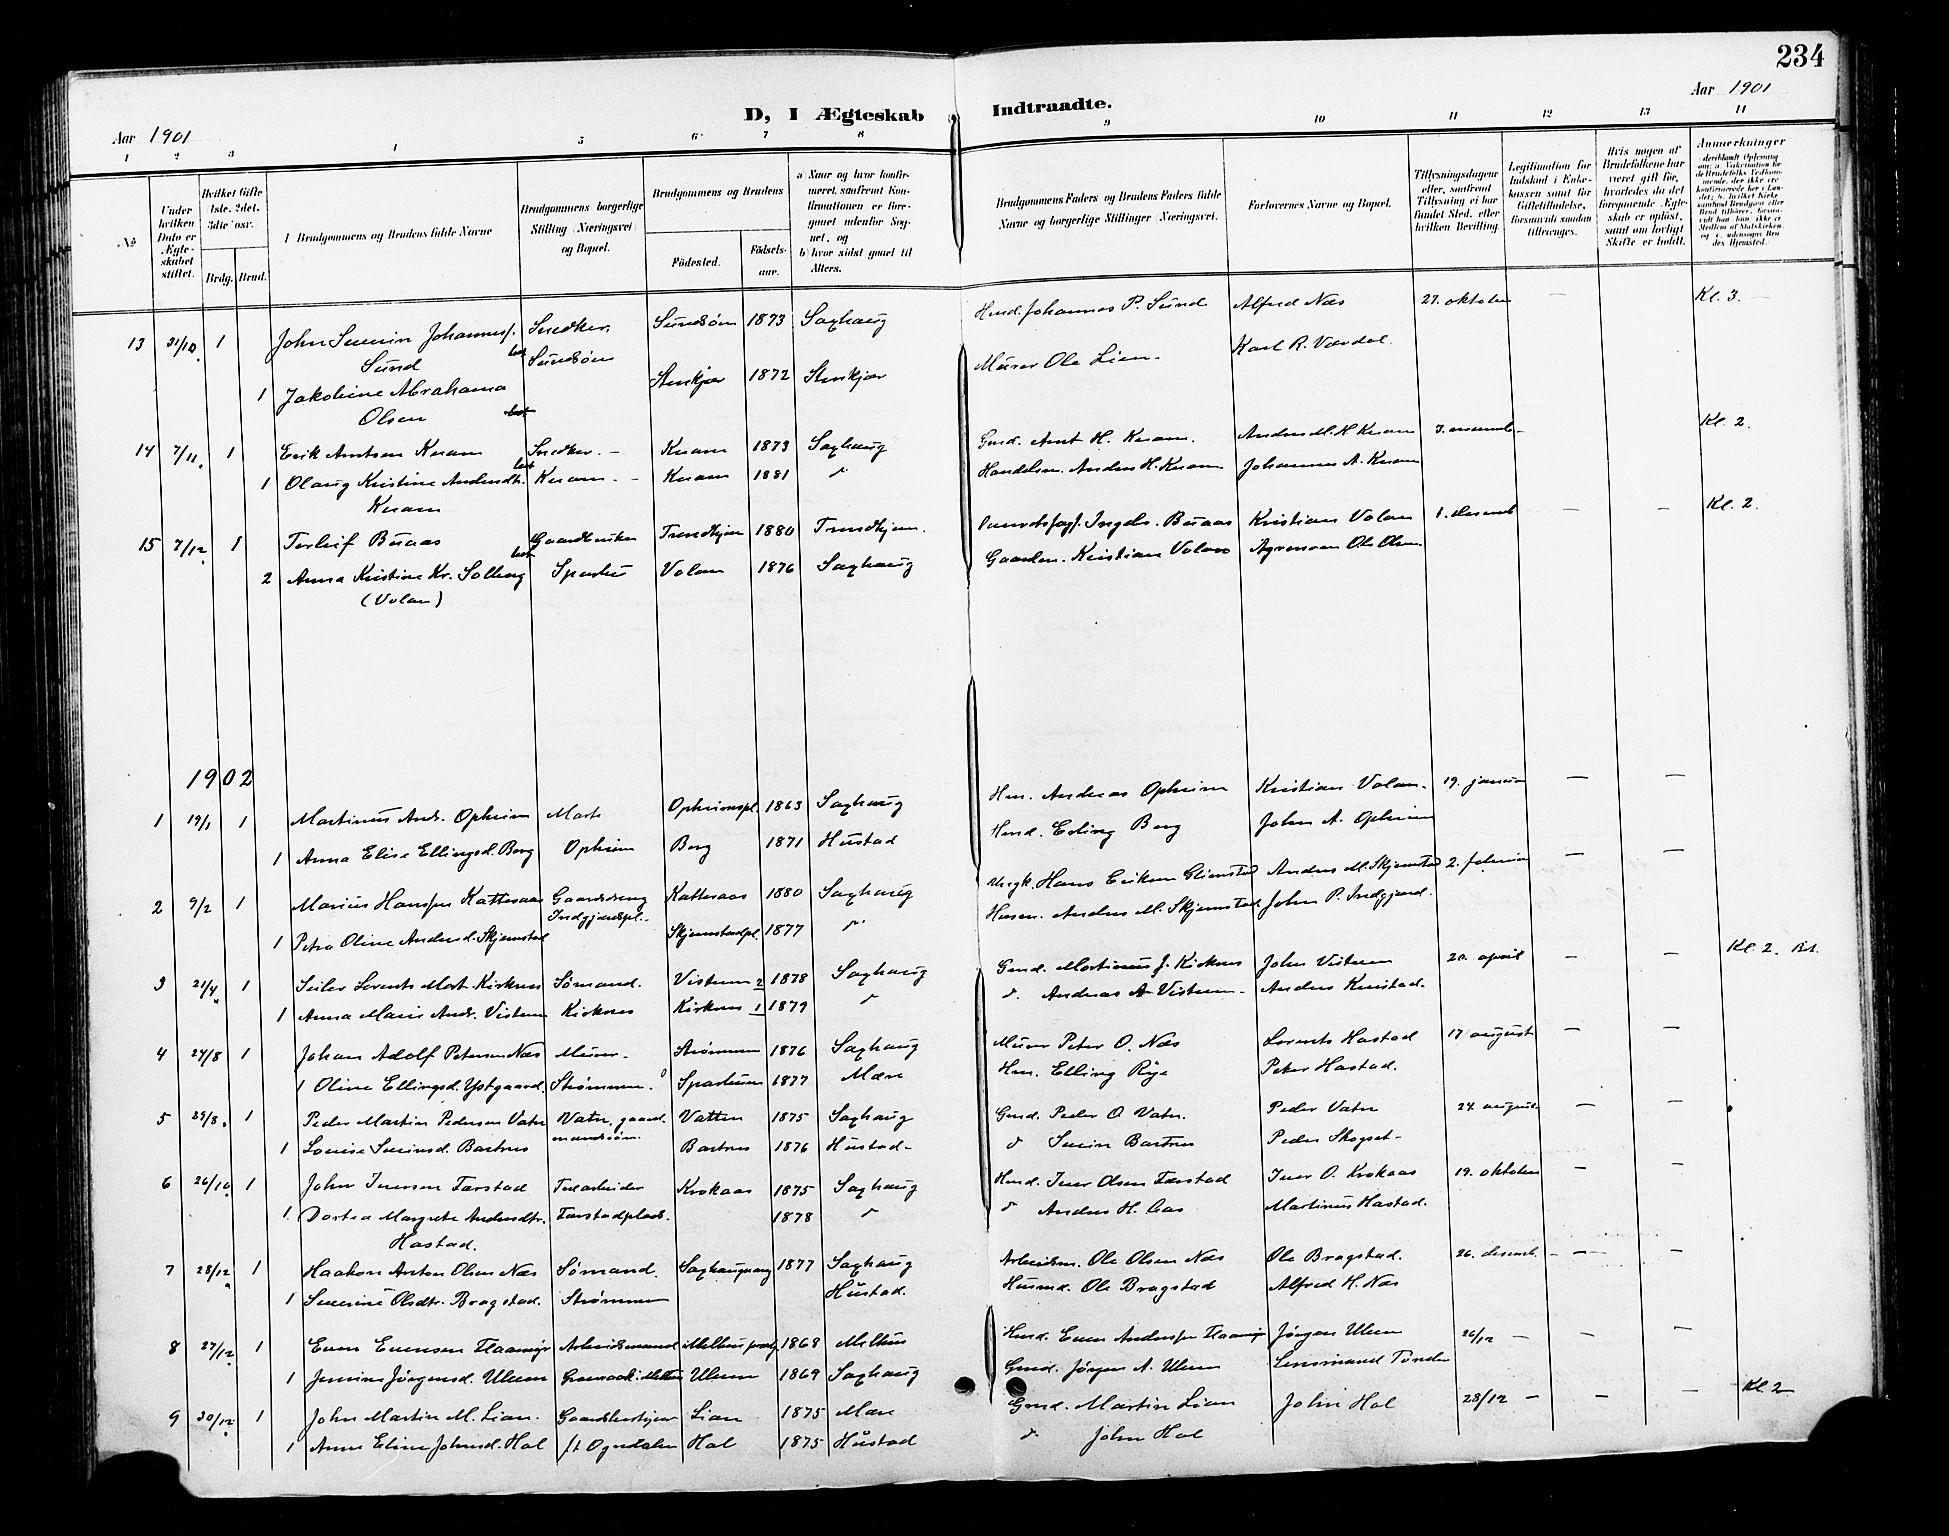 SAT, Ministerialprotokoller, klokkerbøker og fødselsregistre - Nord-Trøndelag, 730/L0302: Klokkerbok nr. 730C05, 1898-1924, s. 234